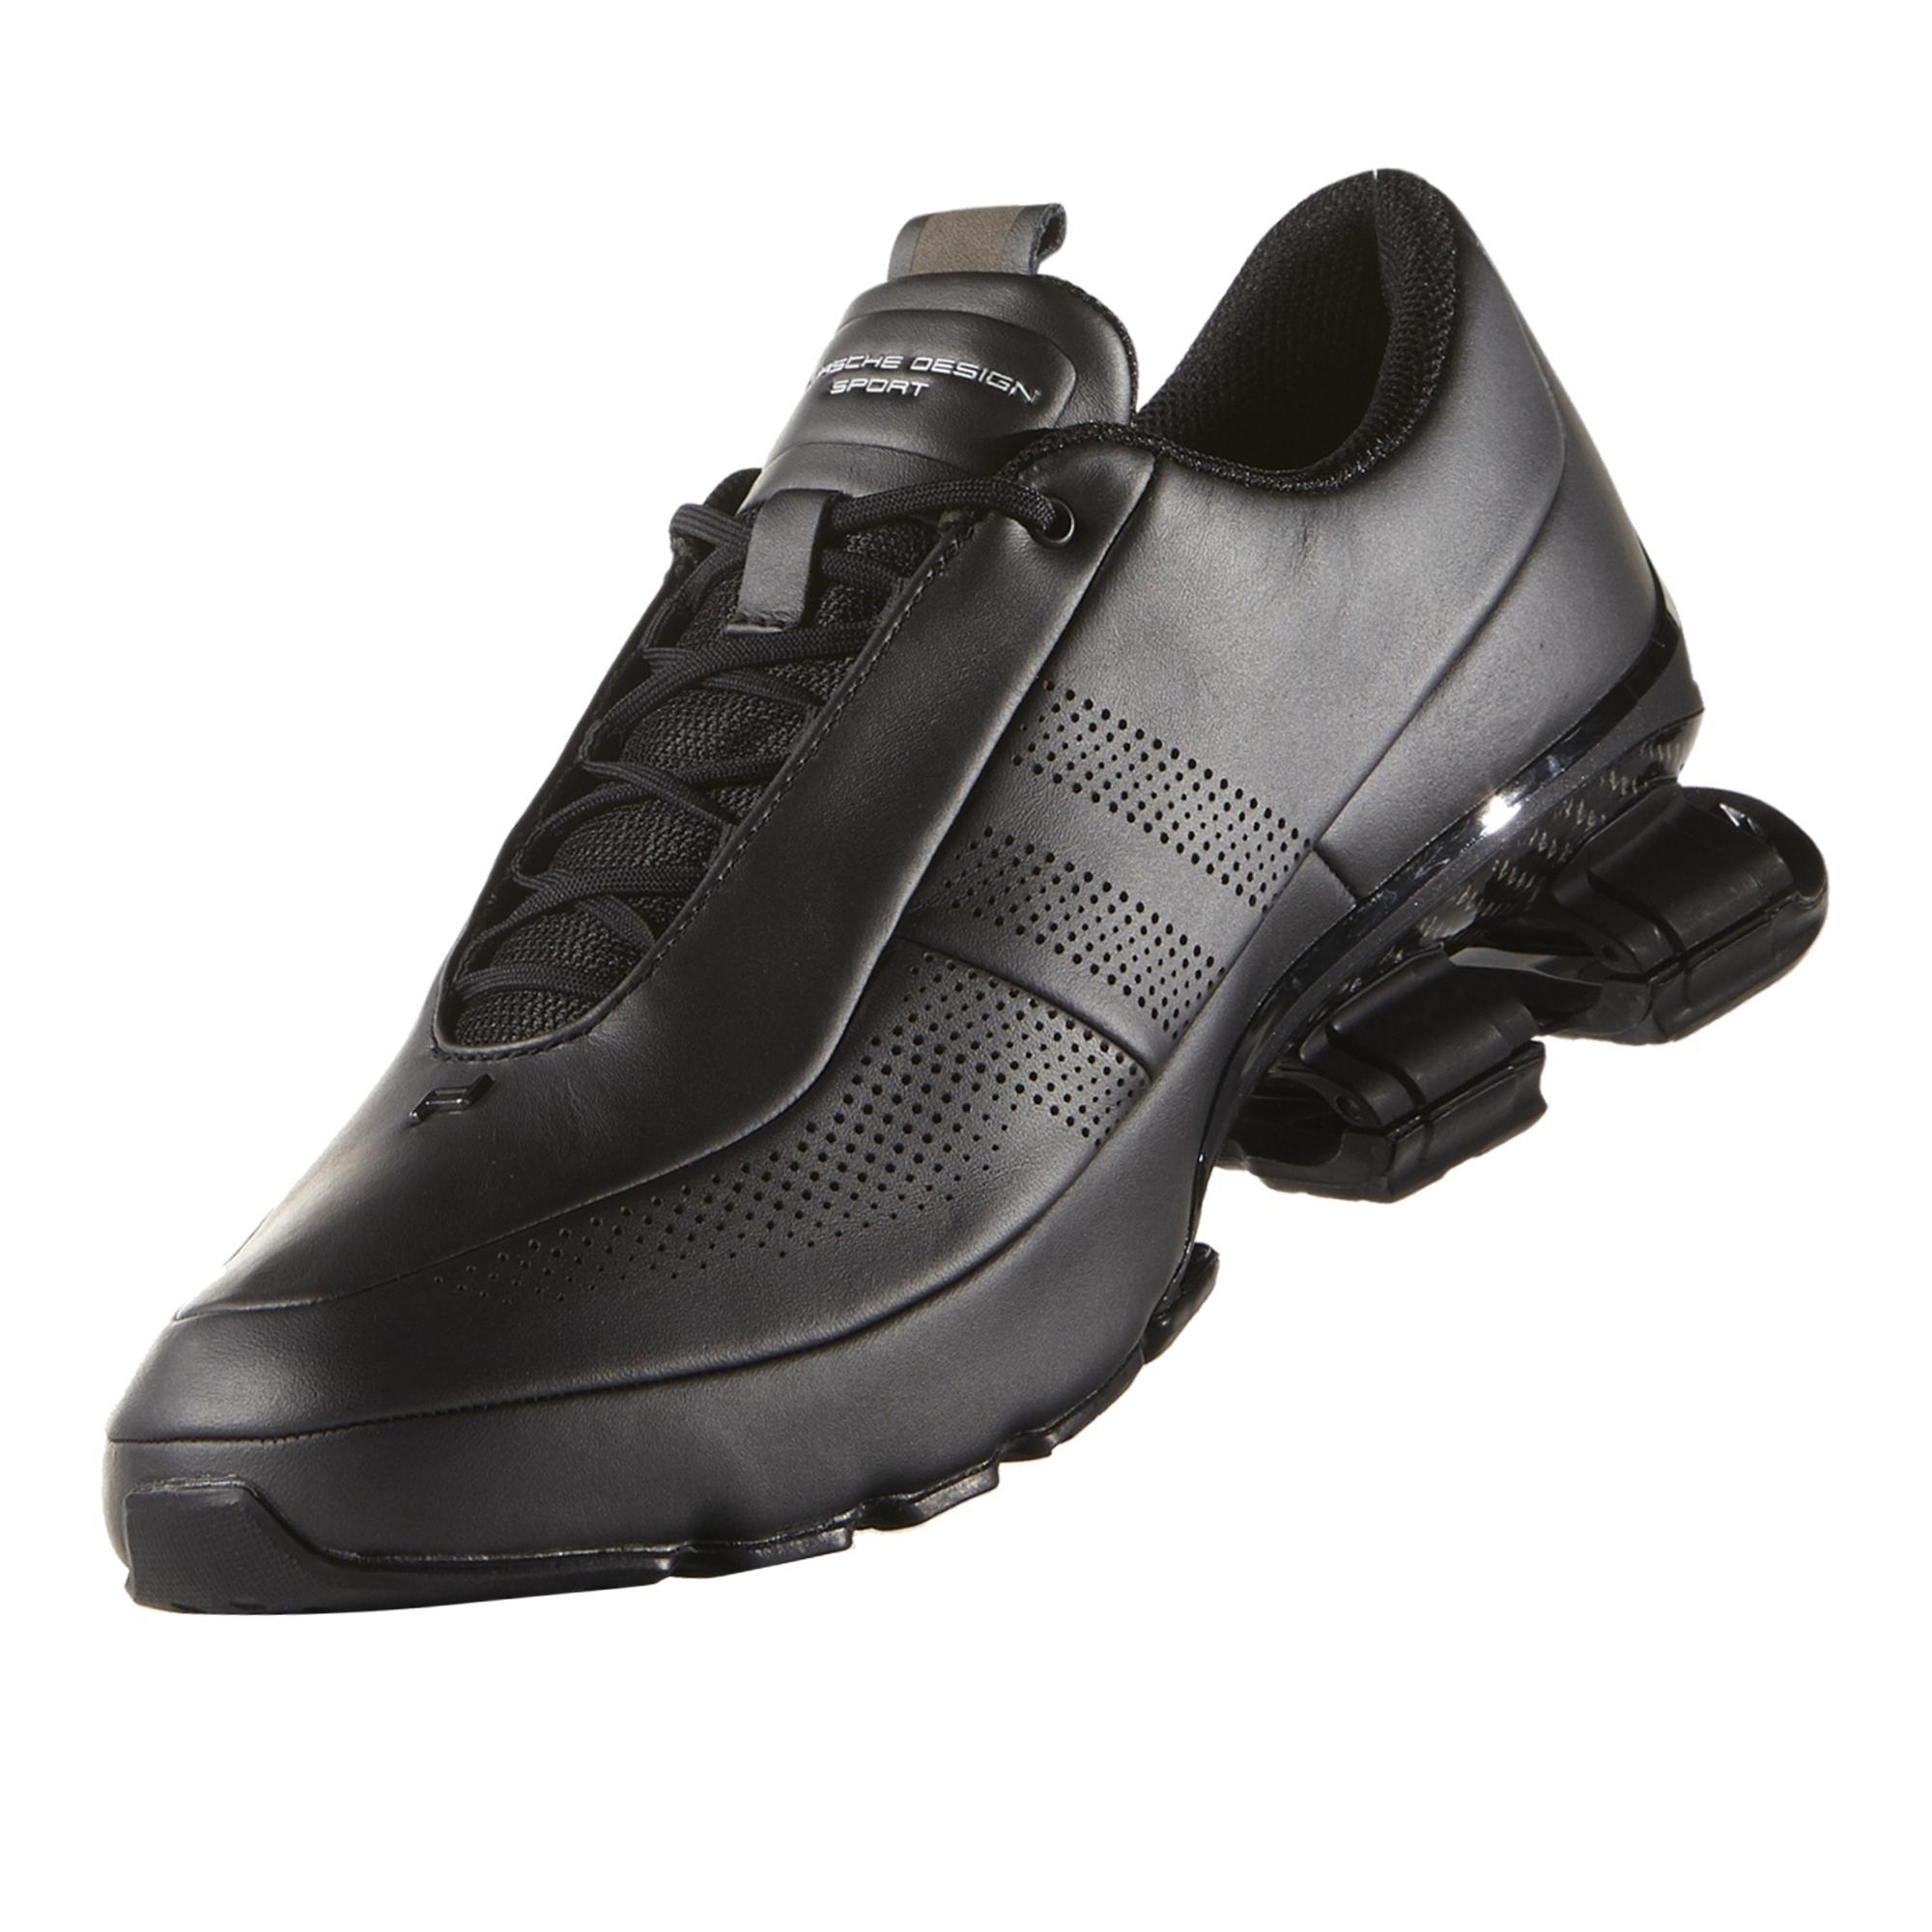 7afdb62c7987f ... get adidas porsche design bounce s4 leather ss16 erkek spor ayakkab  a8500 2b5fc